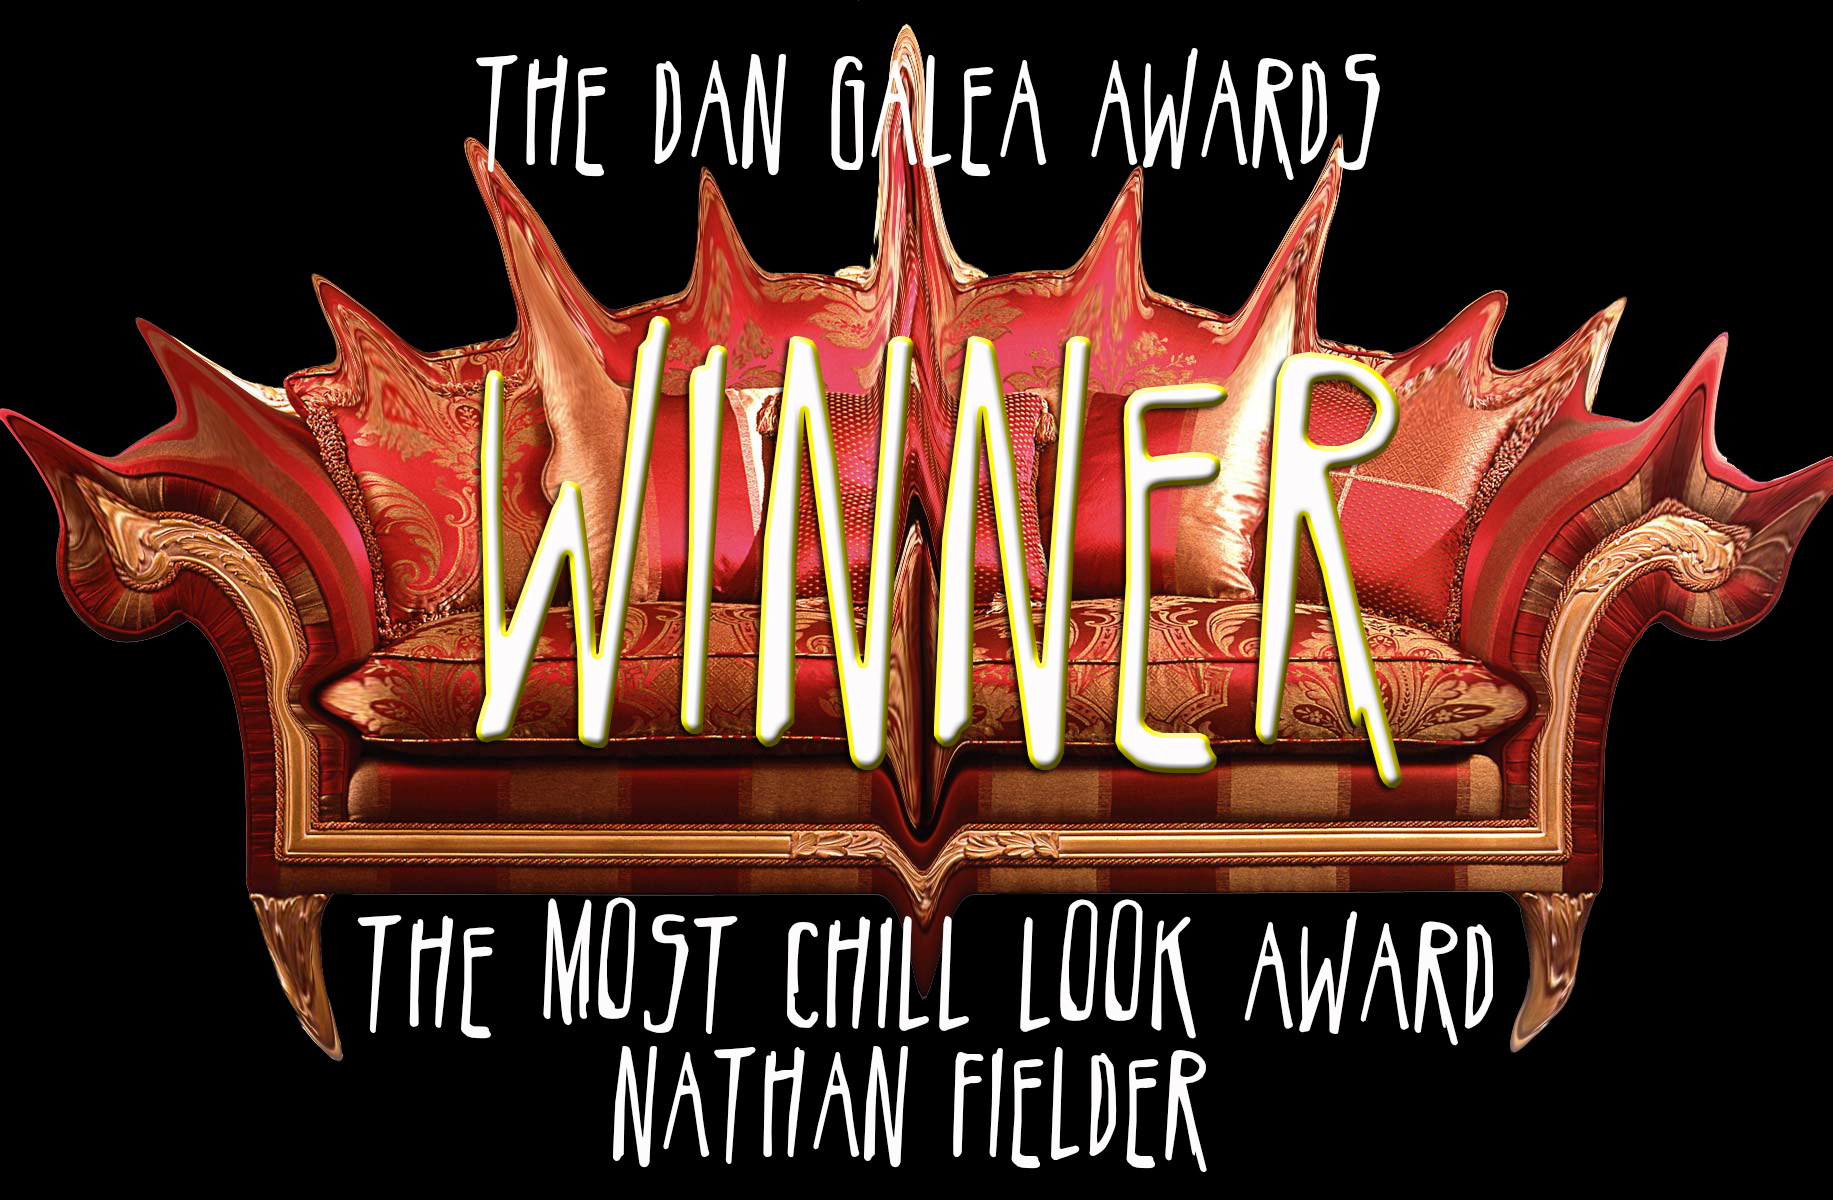 DGawards Nathan Fielder.jpg